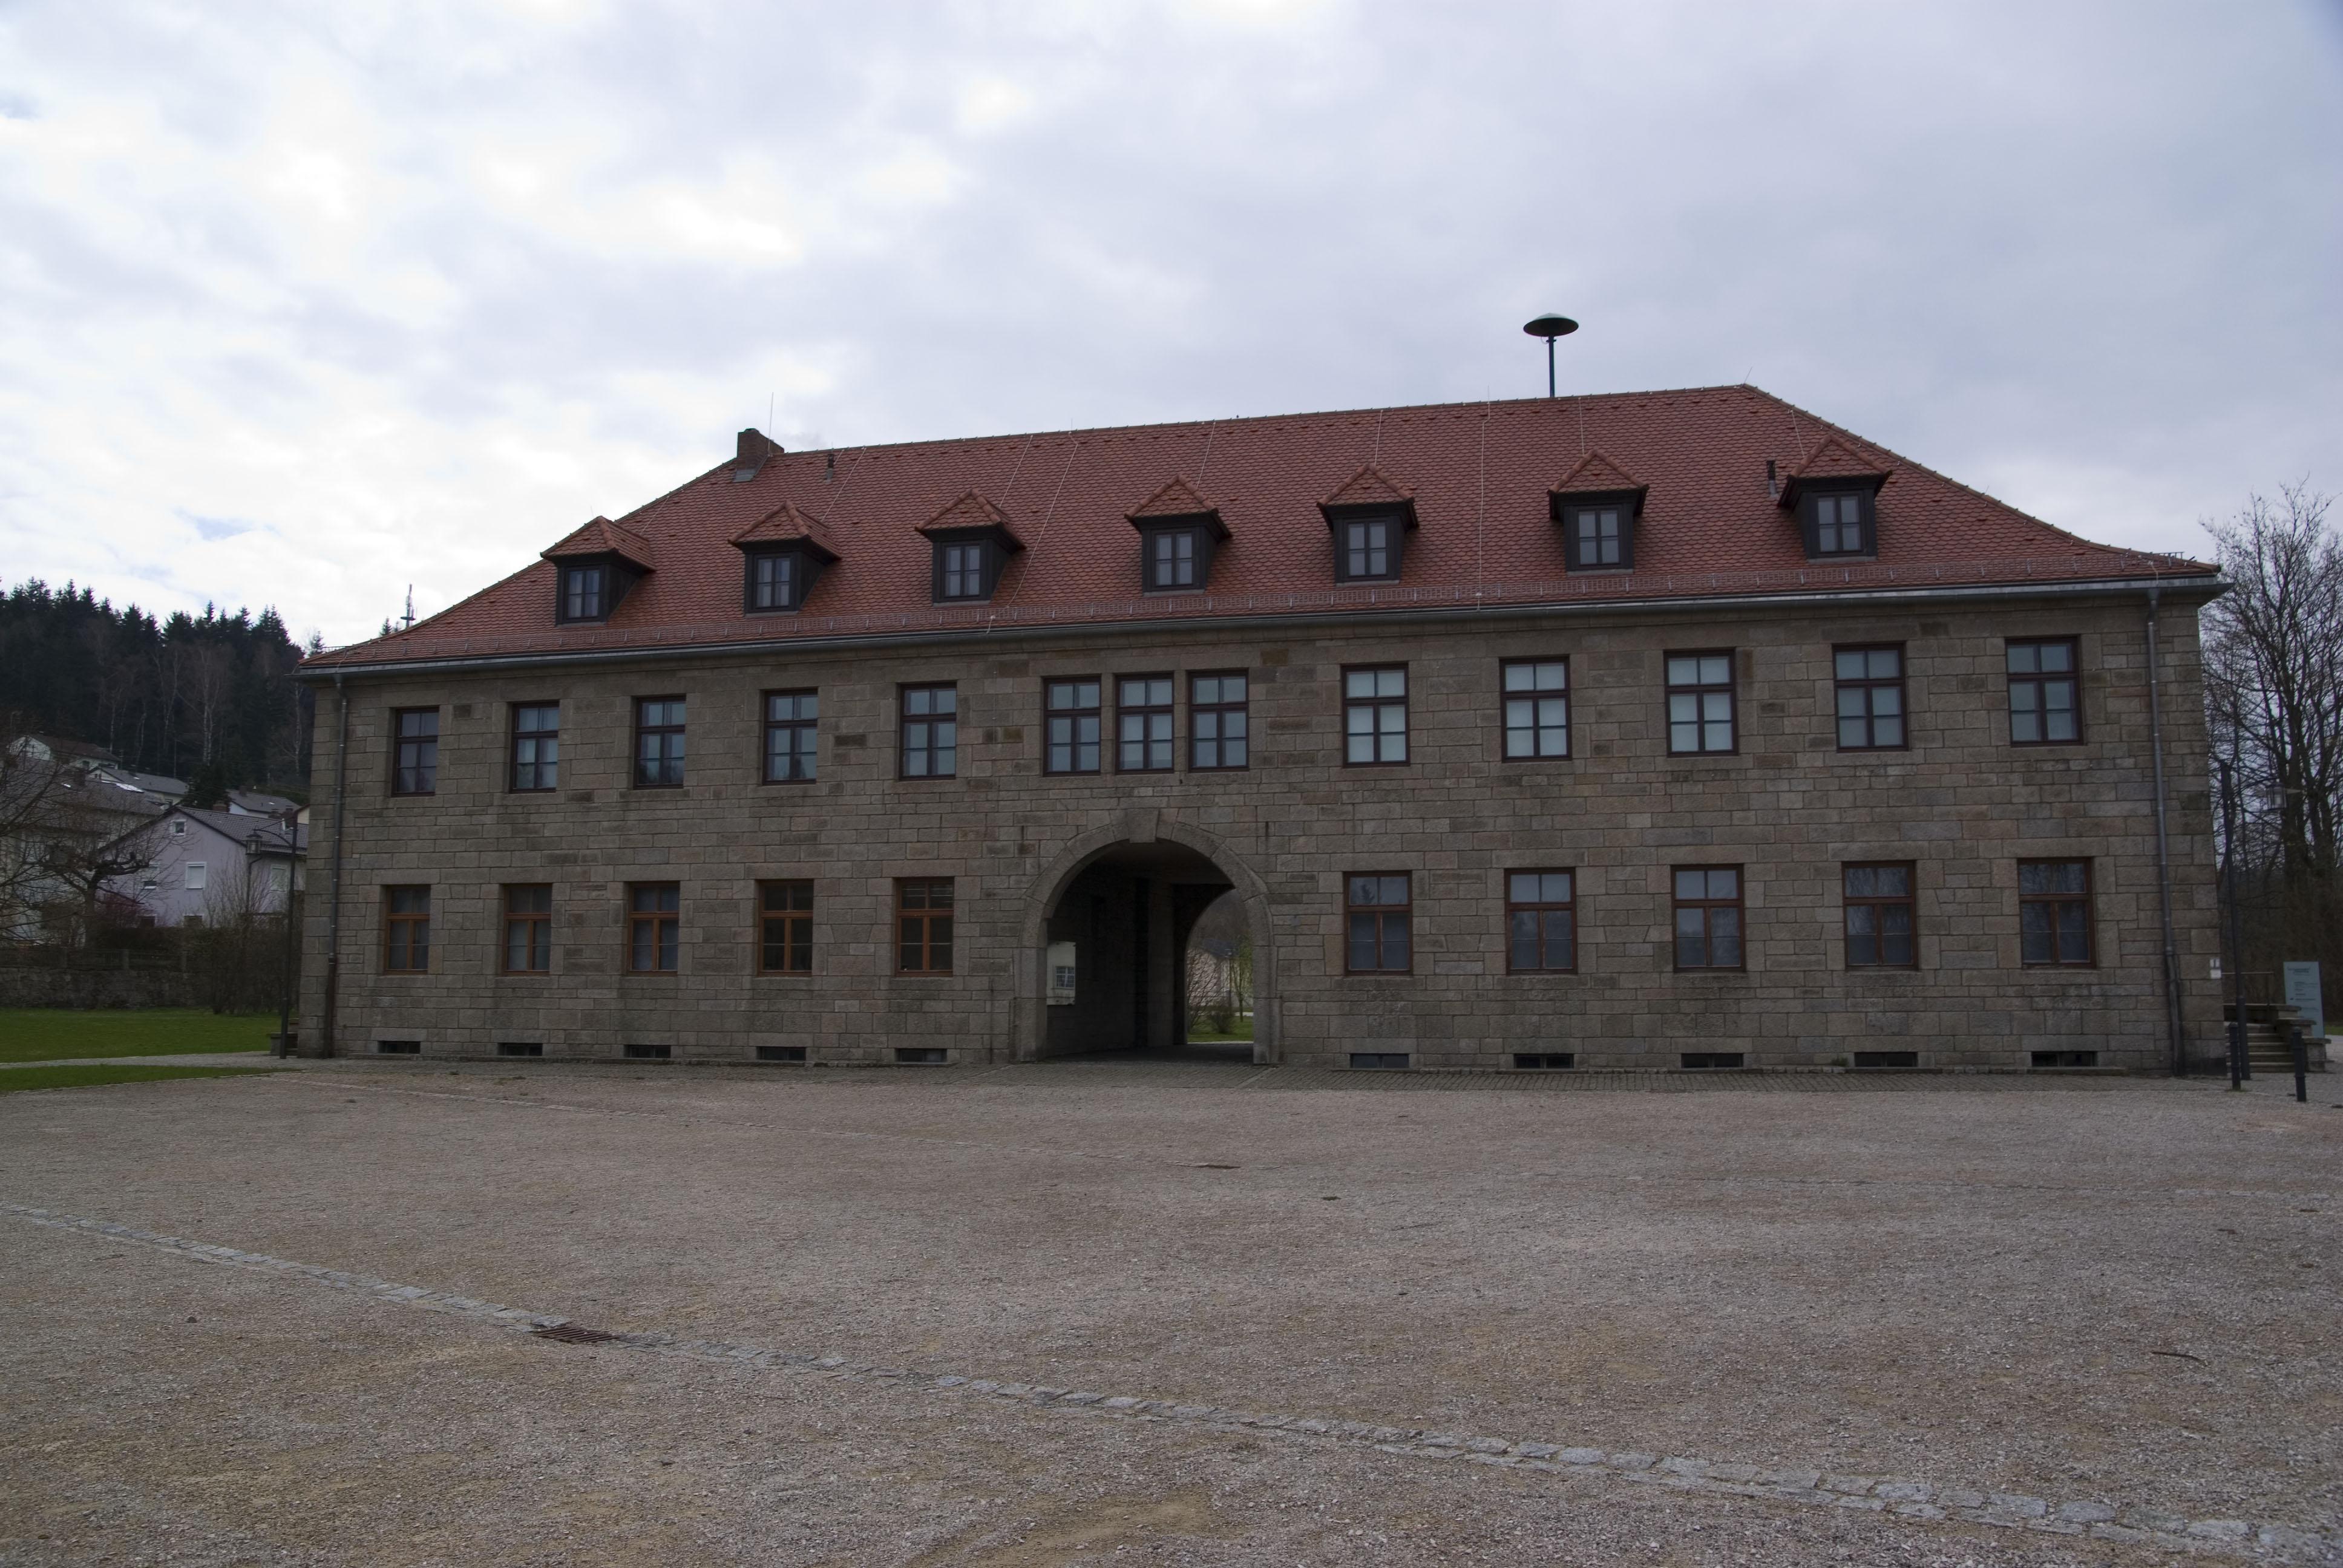 Kommandantur am Eingang zur KZ-Gedenkstätte Flossenbürg